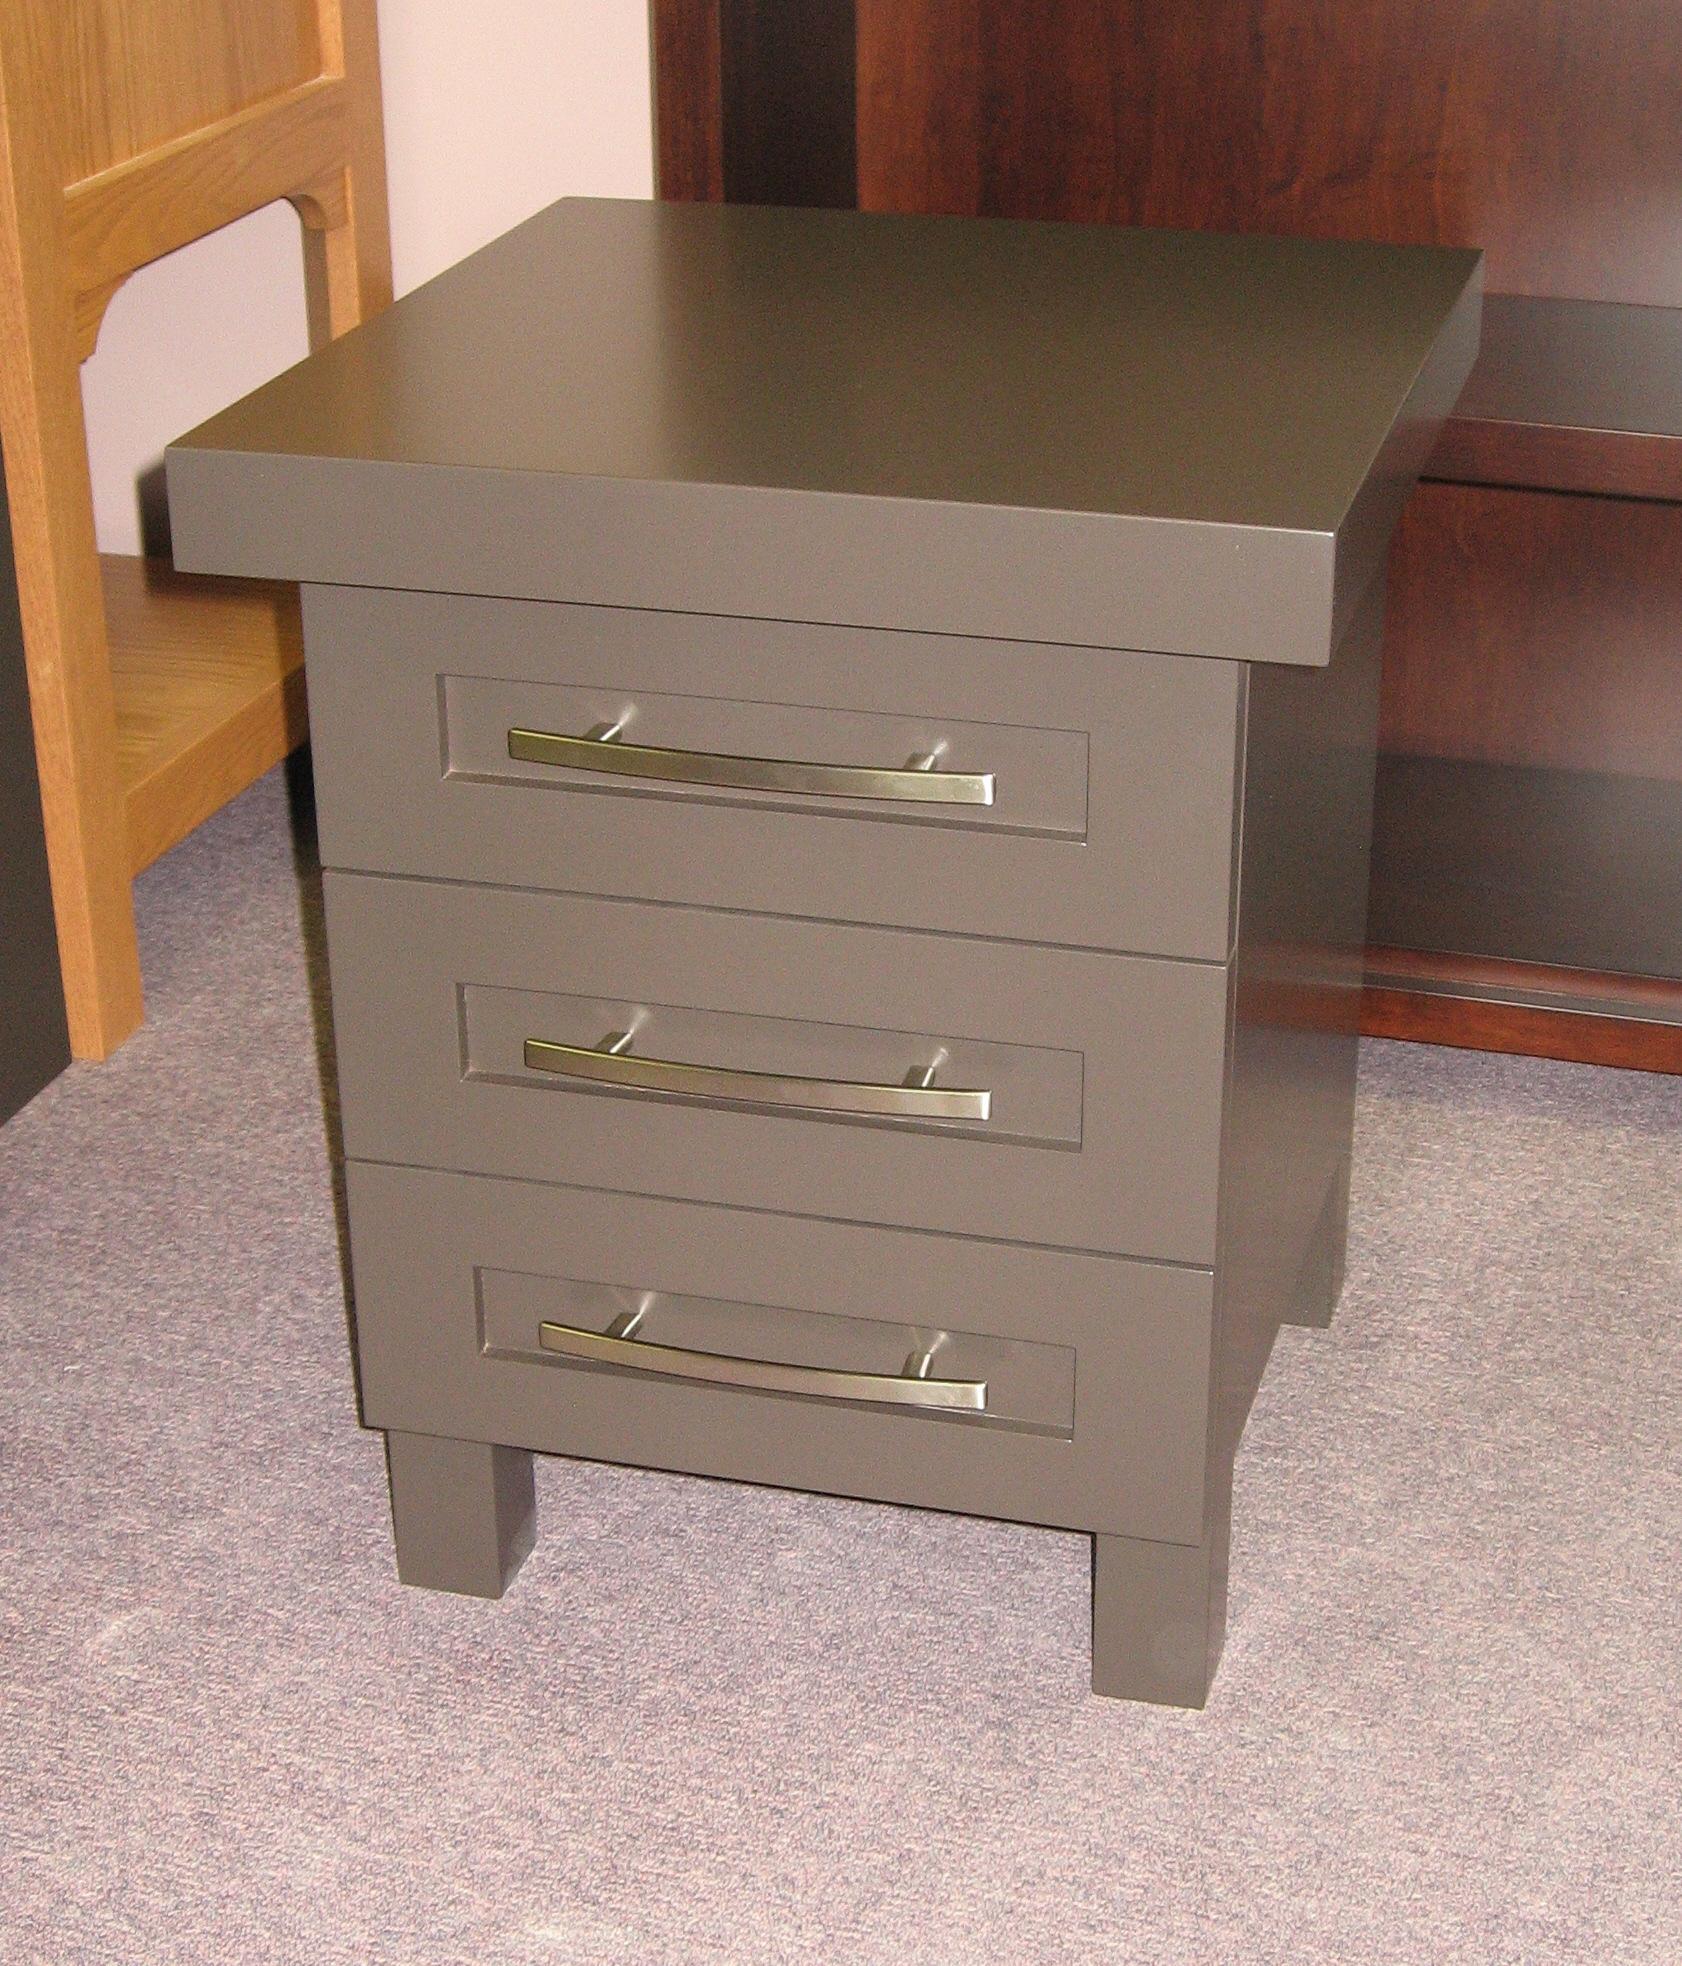 painted-grey-custom-nightstand.JPG